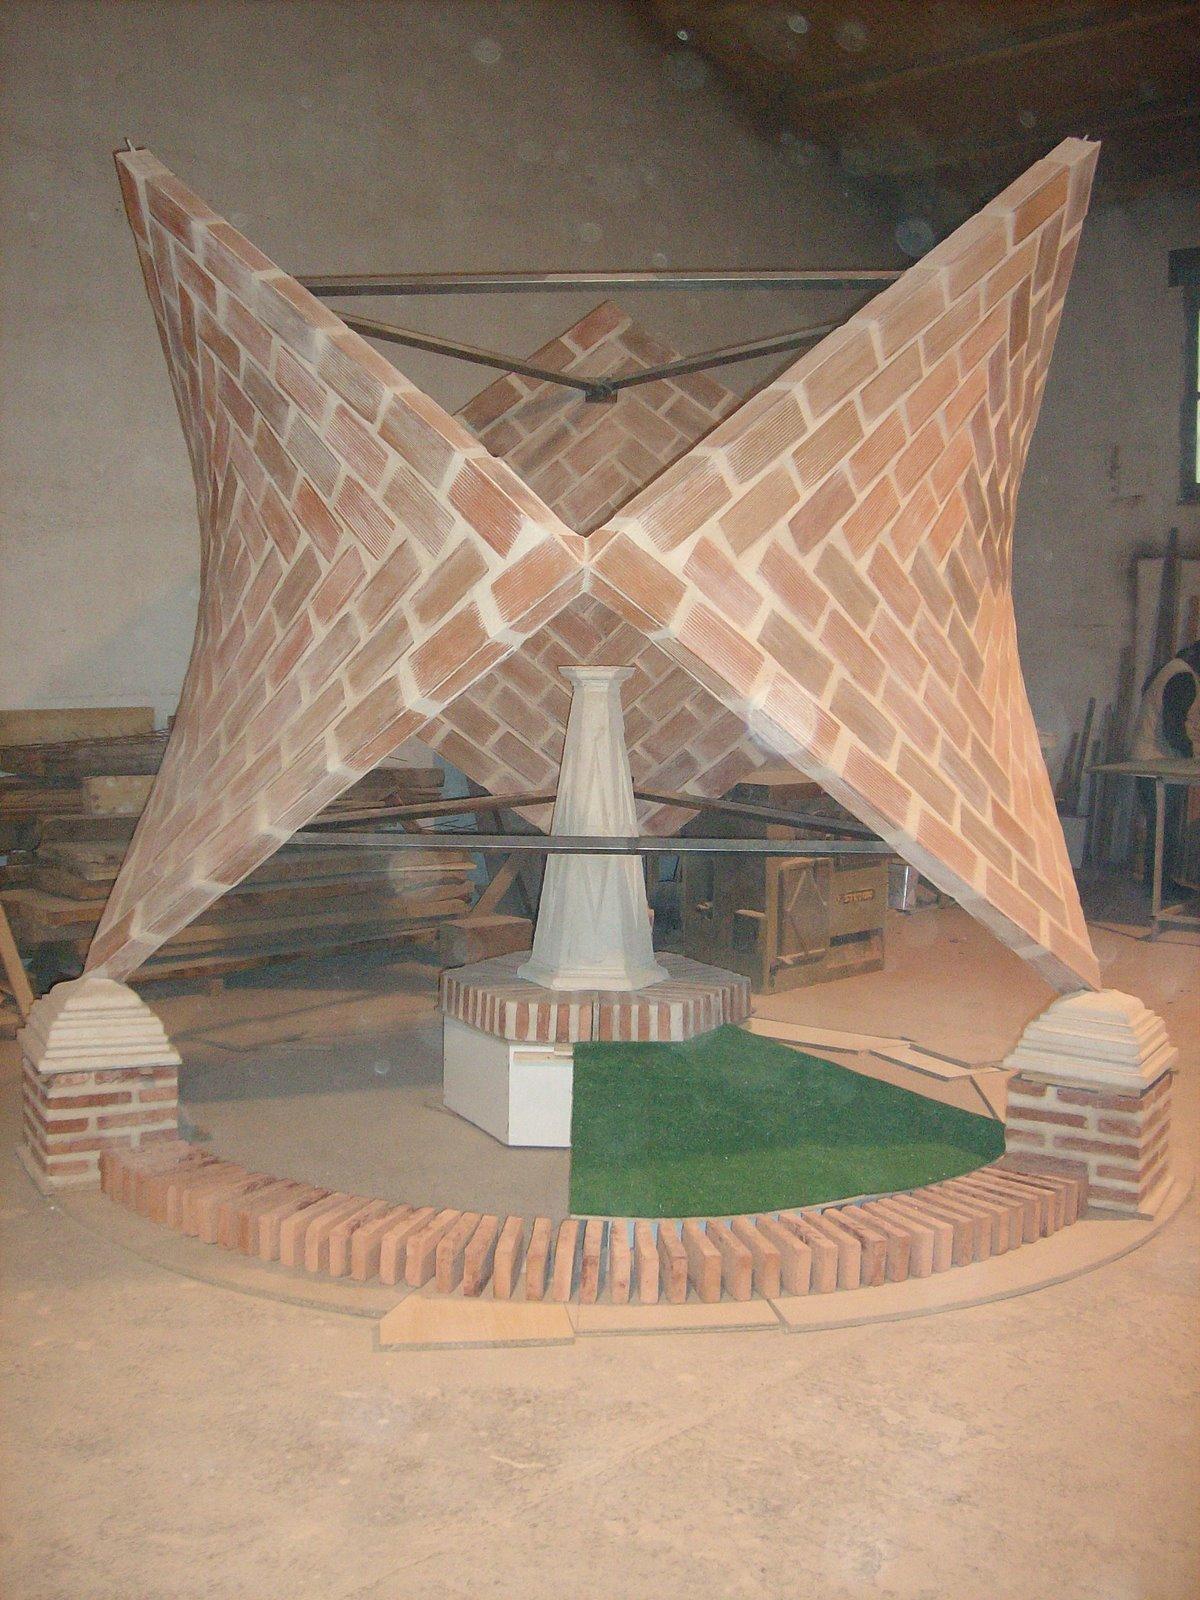 http://1.bp.blogspot.com/-lEnyvkba6mY/TysbPwO4GAI/AAAAAAAAAFs/sl5bOFHP4NE/s1600/monumento.JPG